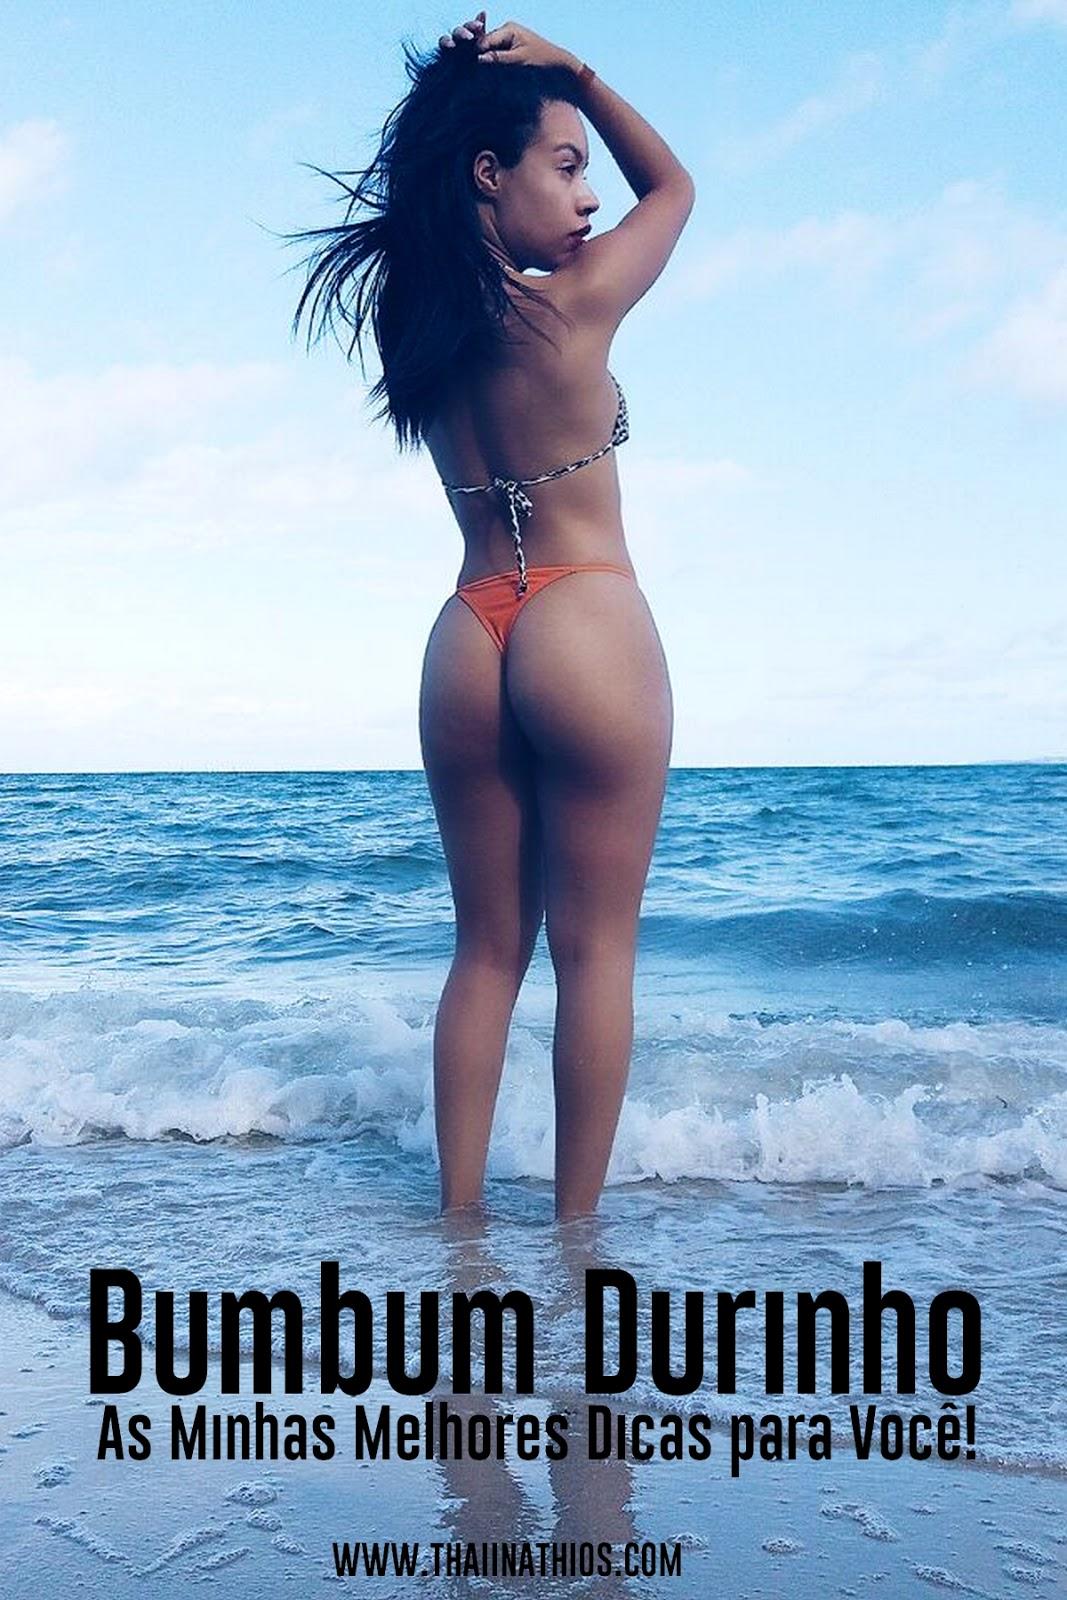 Bumbum Durinho | As Minhas Melhores Dicas para Você!